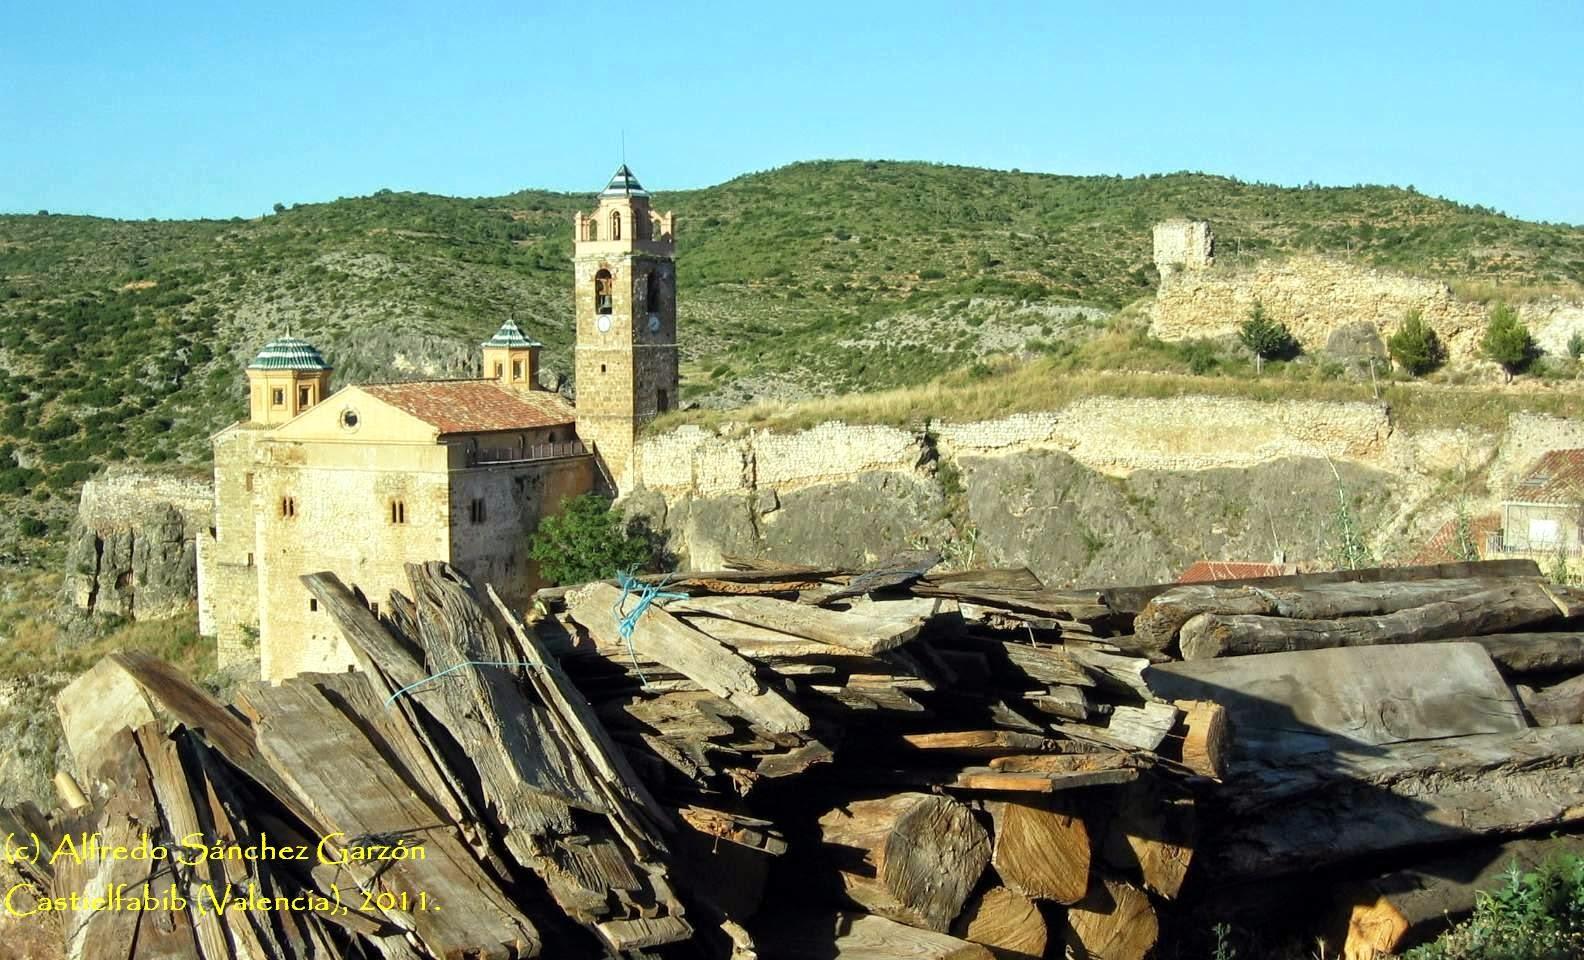 castielfabib-iglesia-fortaleza-castillo